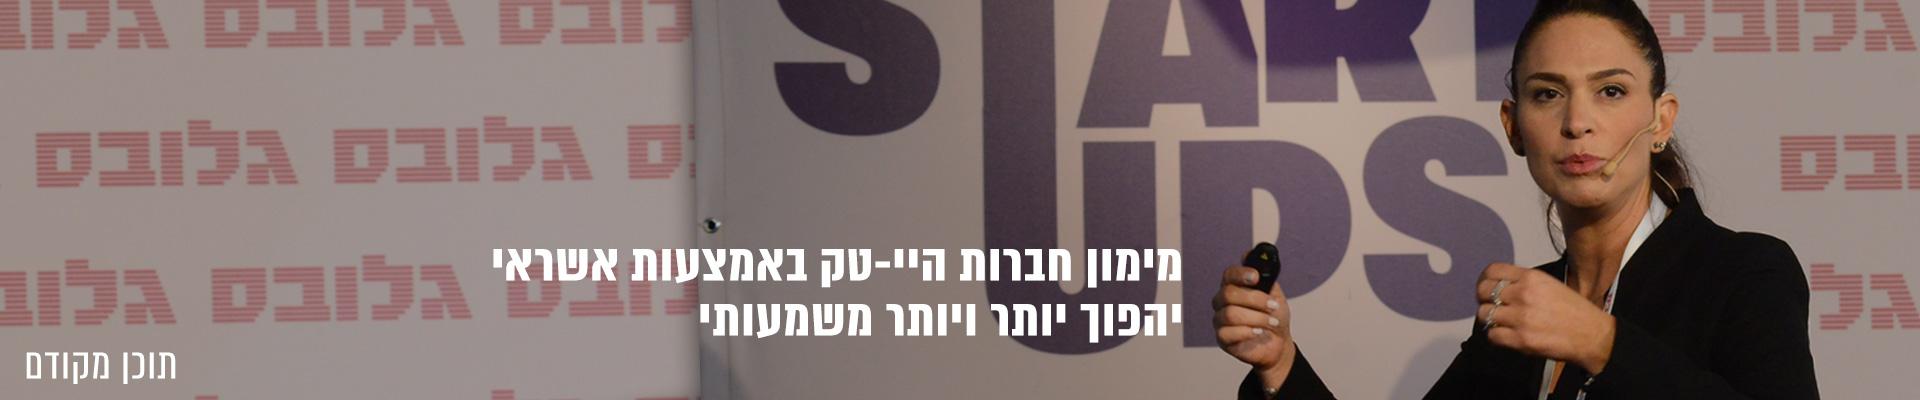 """עינת אורון, מנכ""""לית לאומיטק / צילום: איל יצהר"""